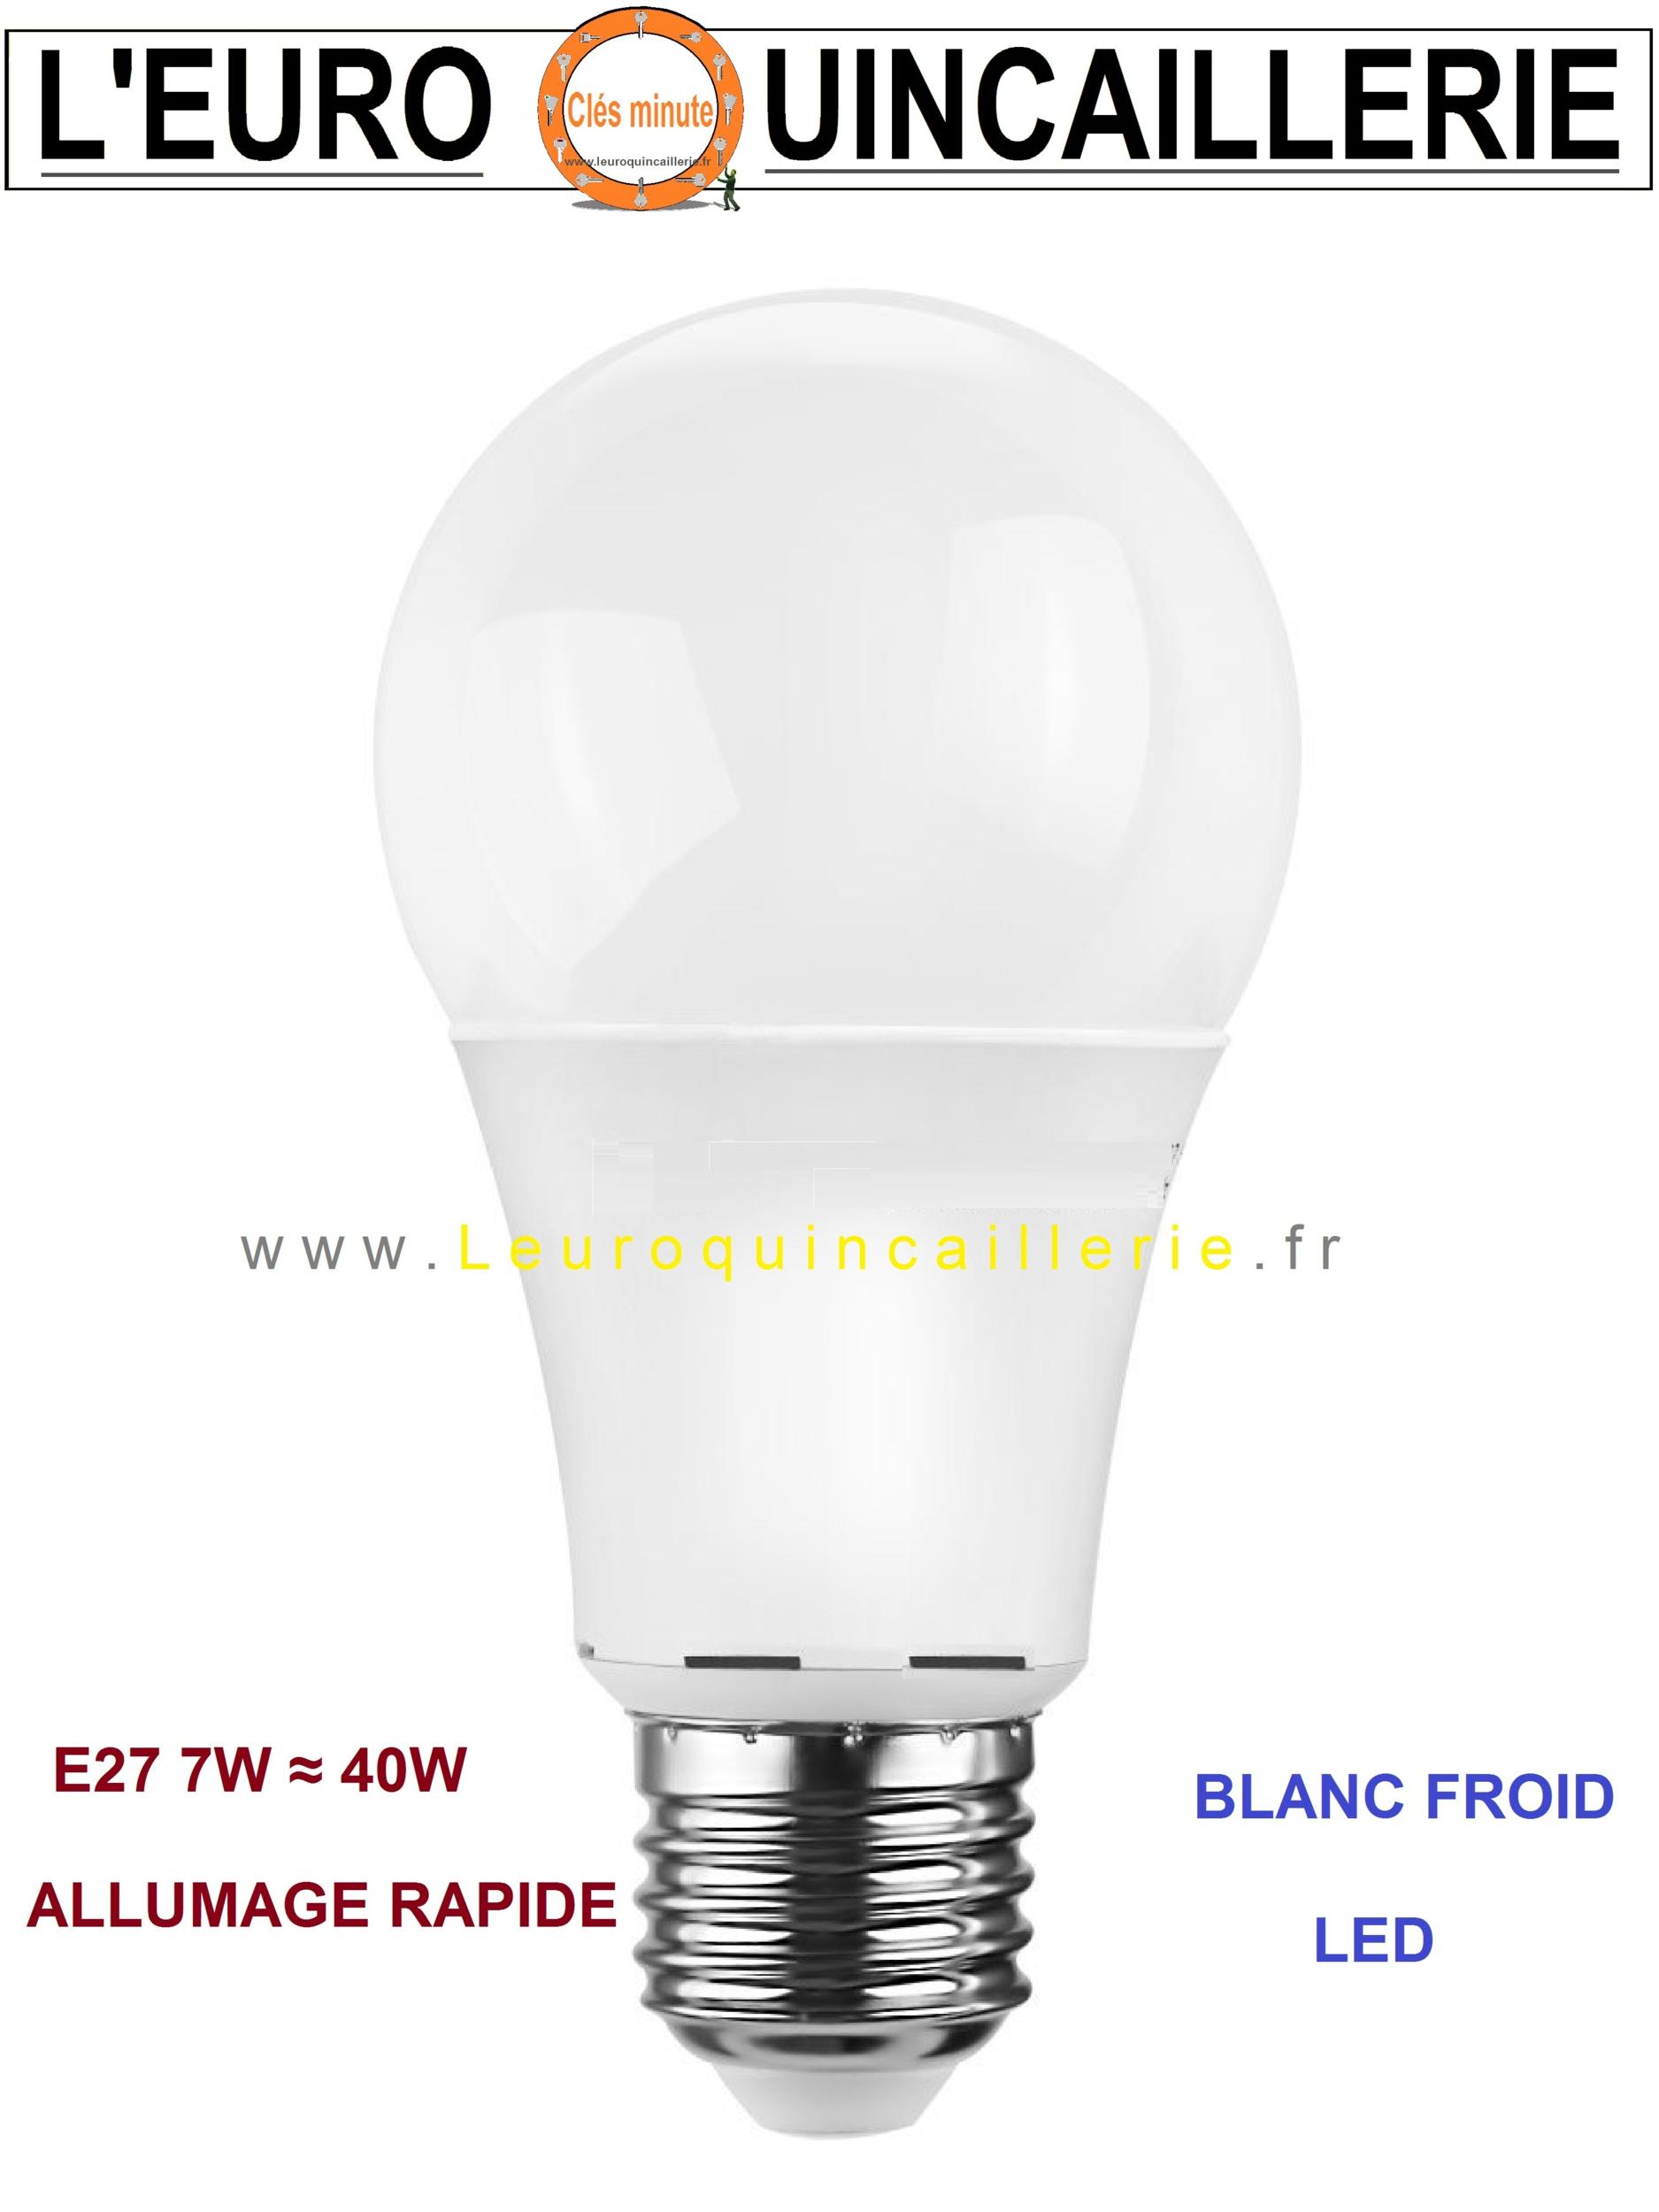 ampoule led standard e27 7w 40w blanc froid ampoules a led e27 moins cher economique. Black Bedroom Furniture Sets. Home Design Ideas